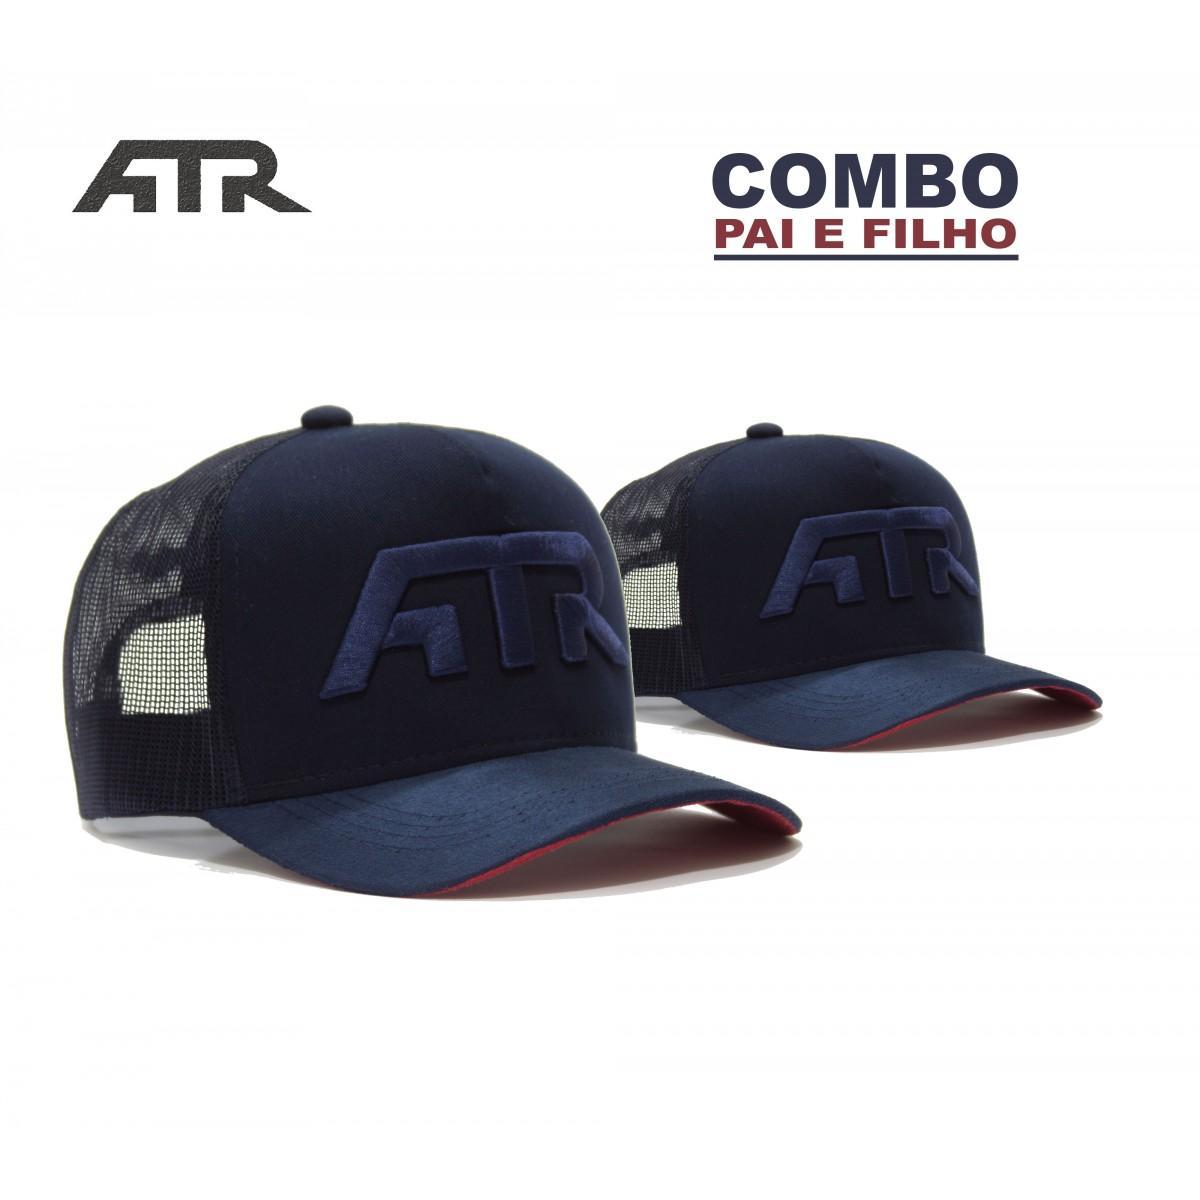 Combo Pai e Filho Boné ATR 2018 Azul Marinho - All Terrain Store f2c3839cd8e